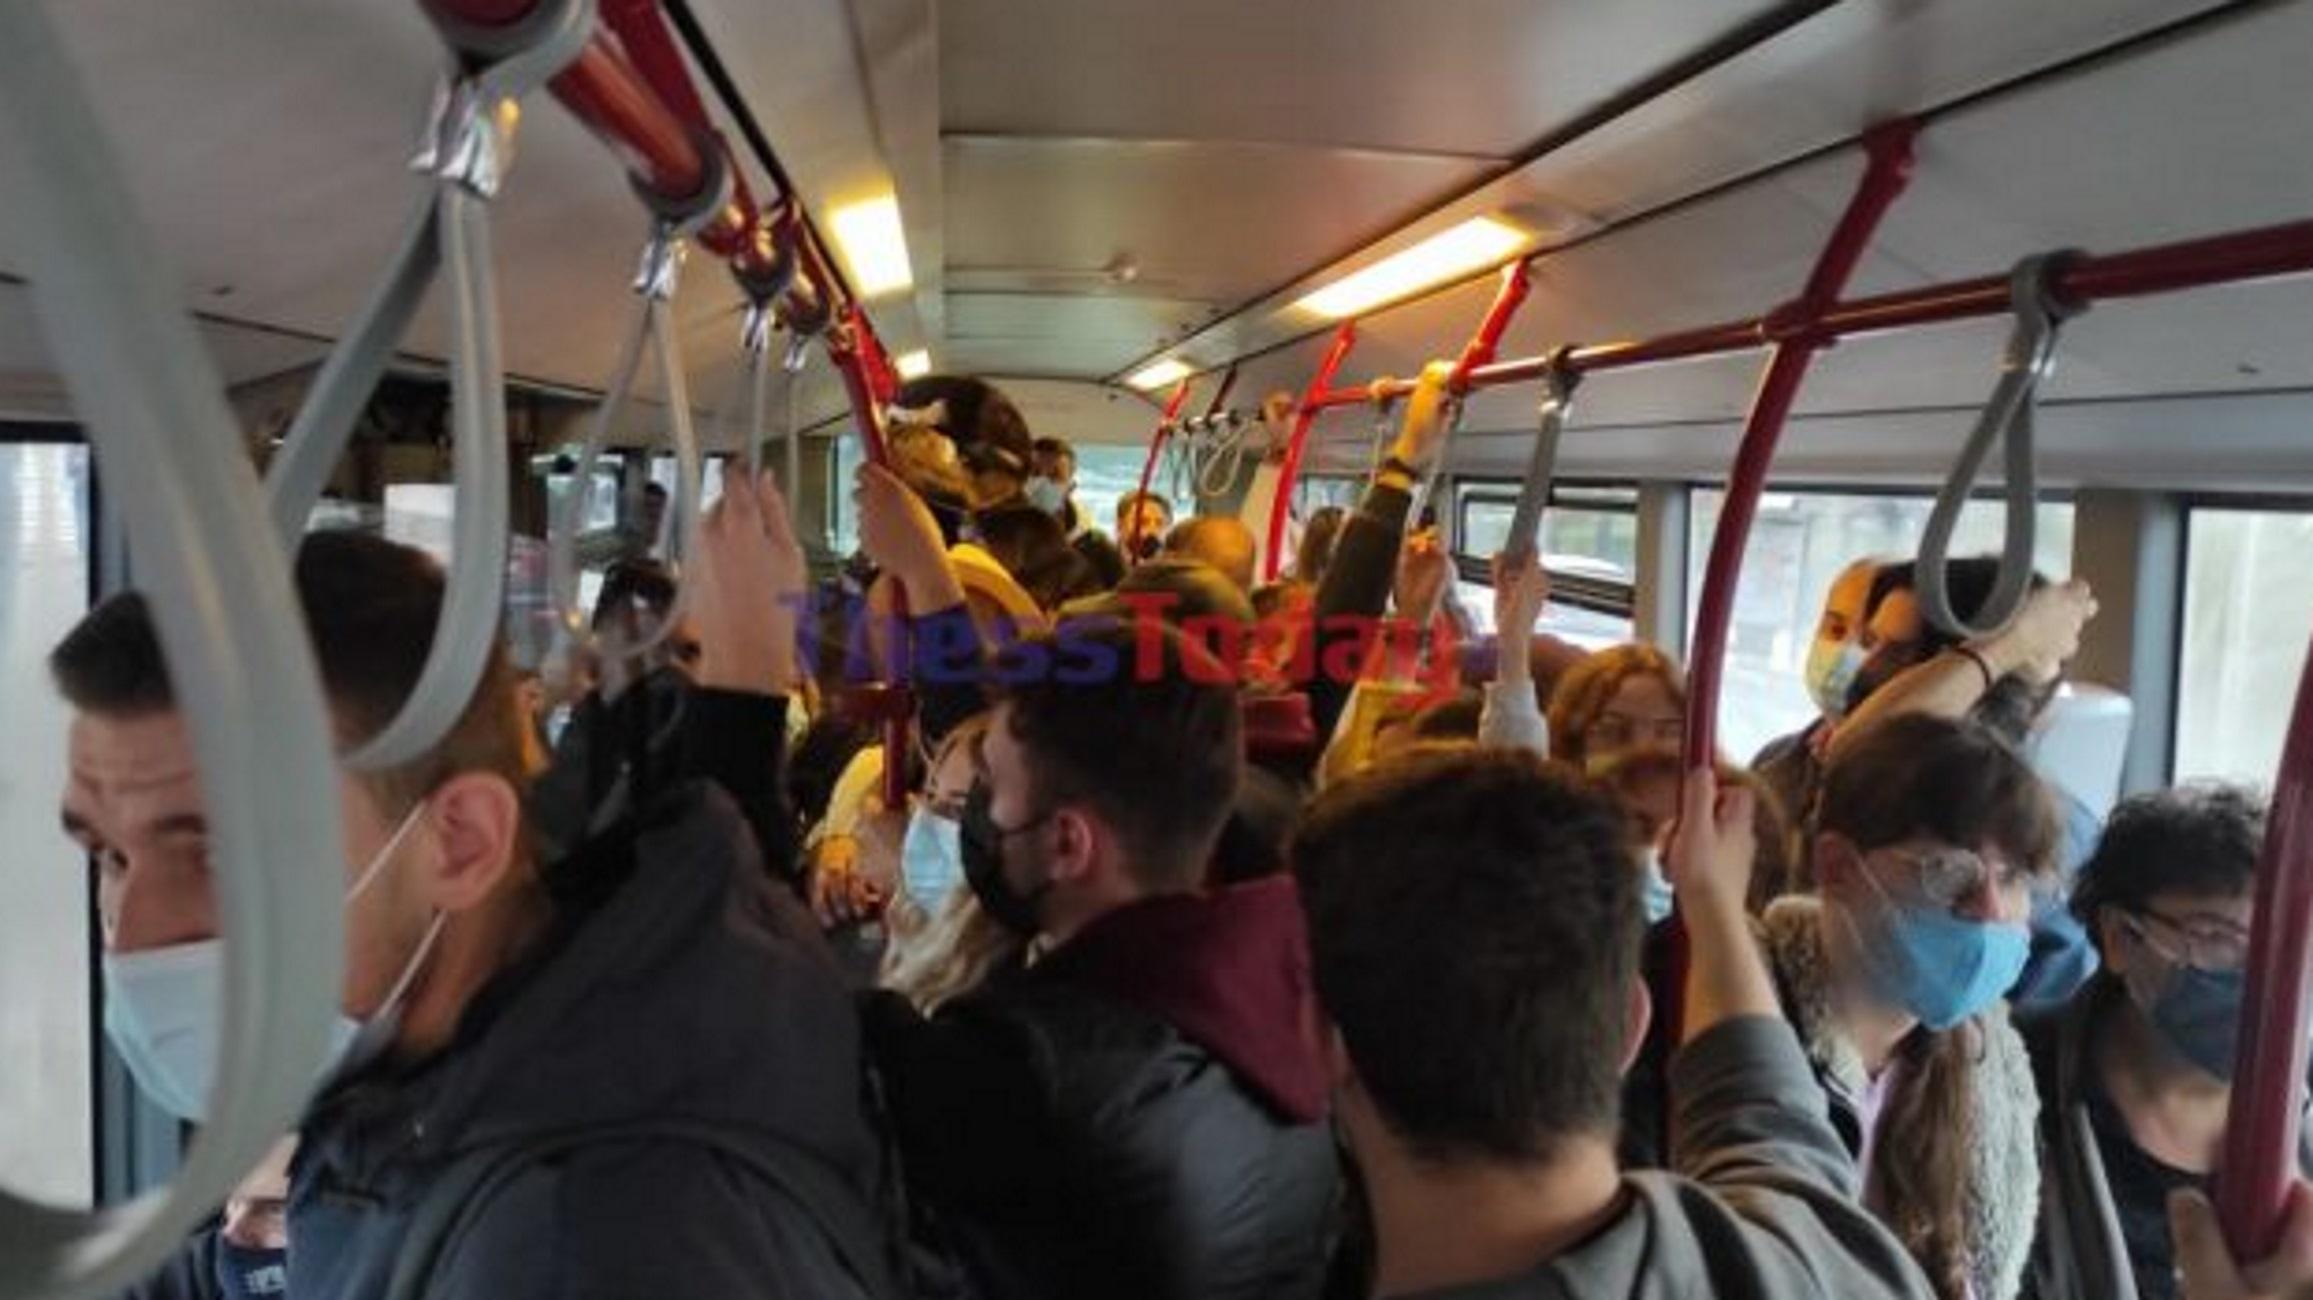 Θεσσαλονίκη: Μέσα στο λεωφορείο της απελπισίας – Συνωστισμός και νεύρα πίσω από τον οδηγό